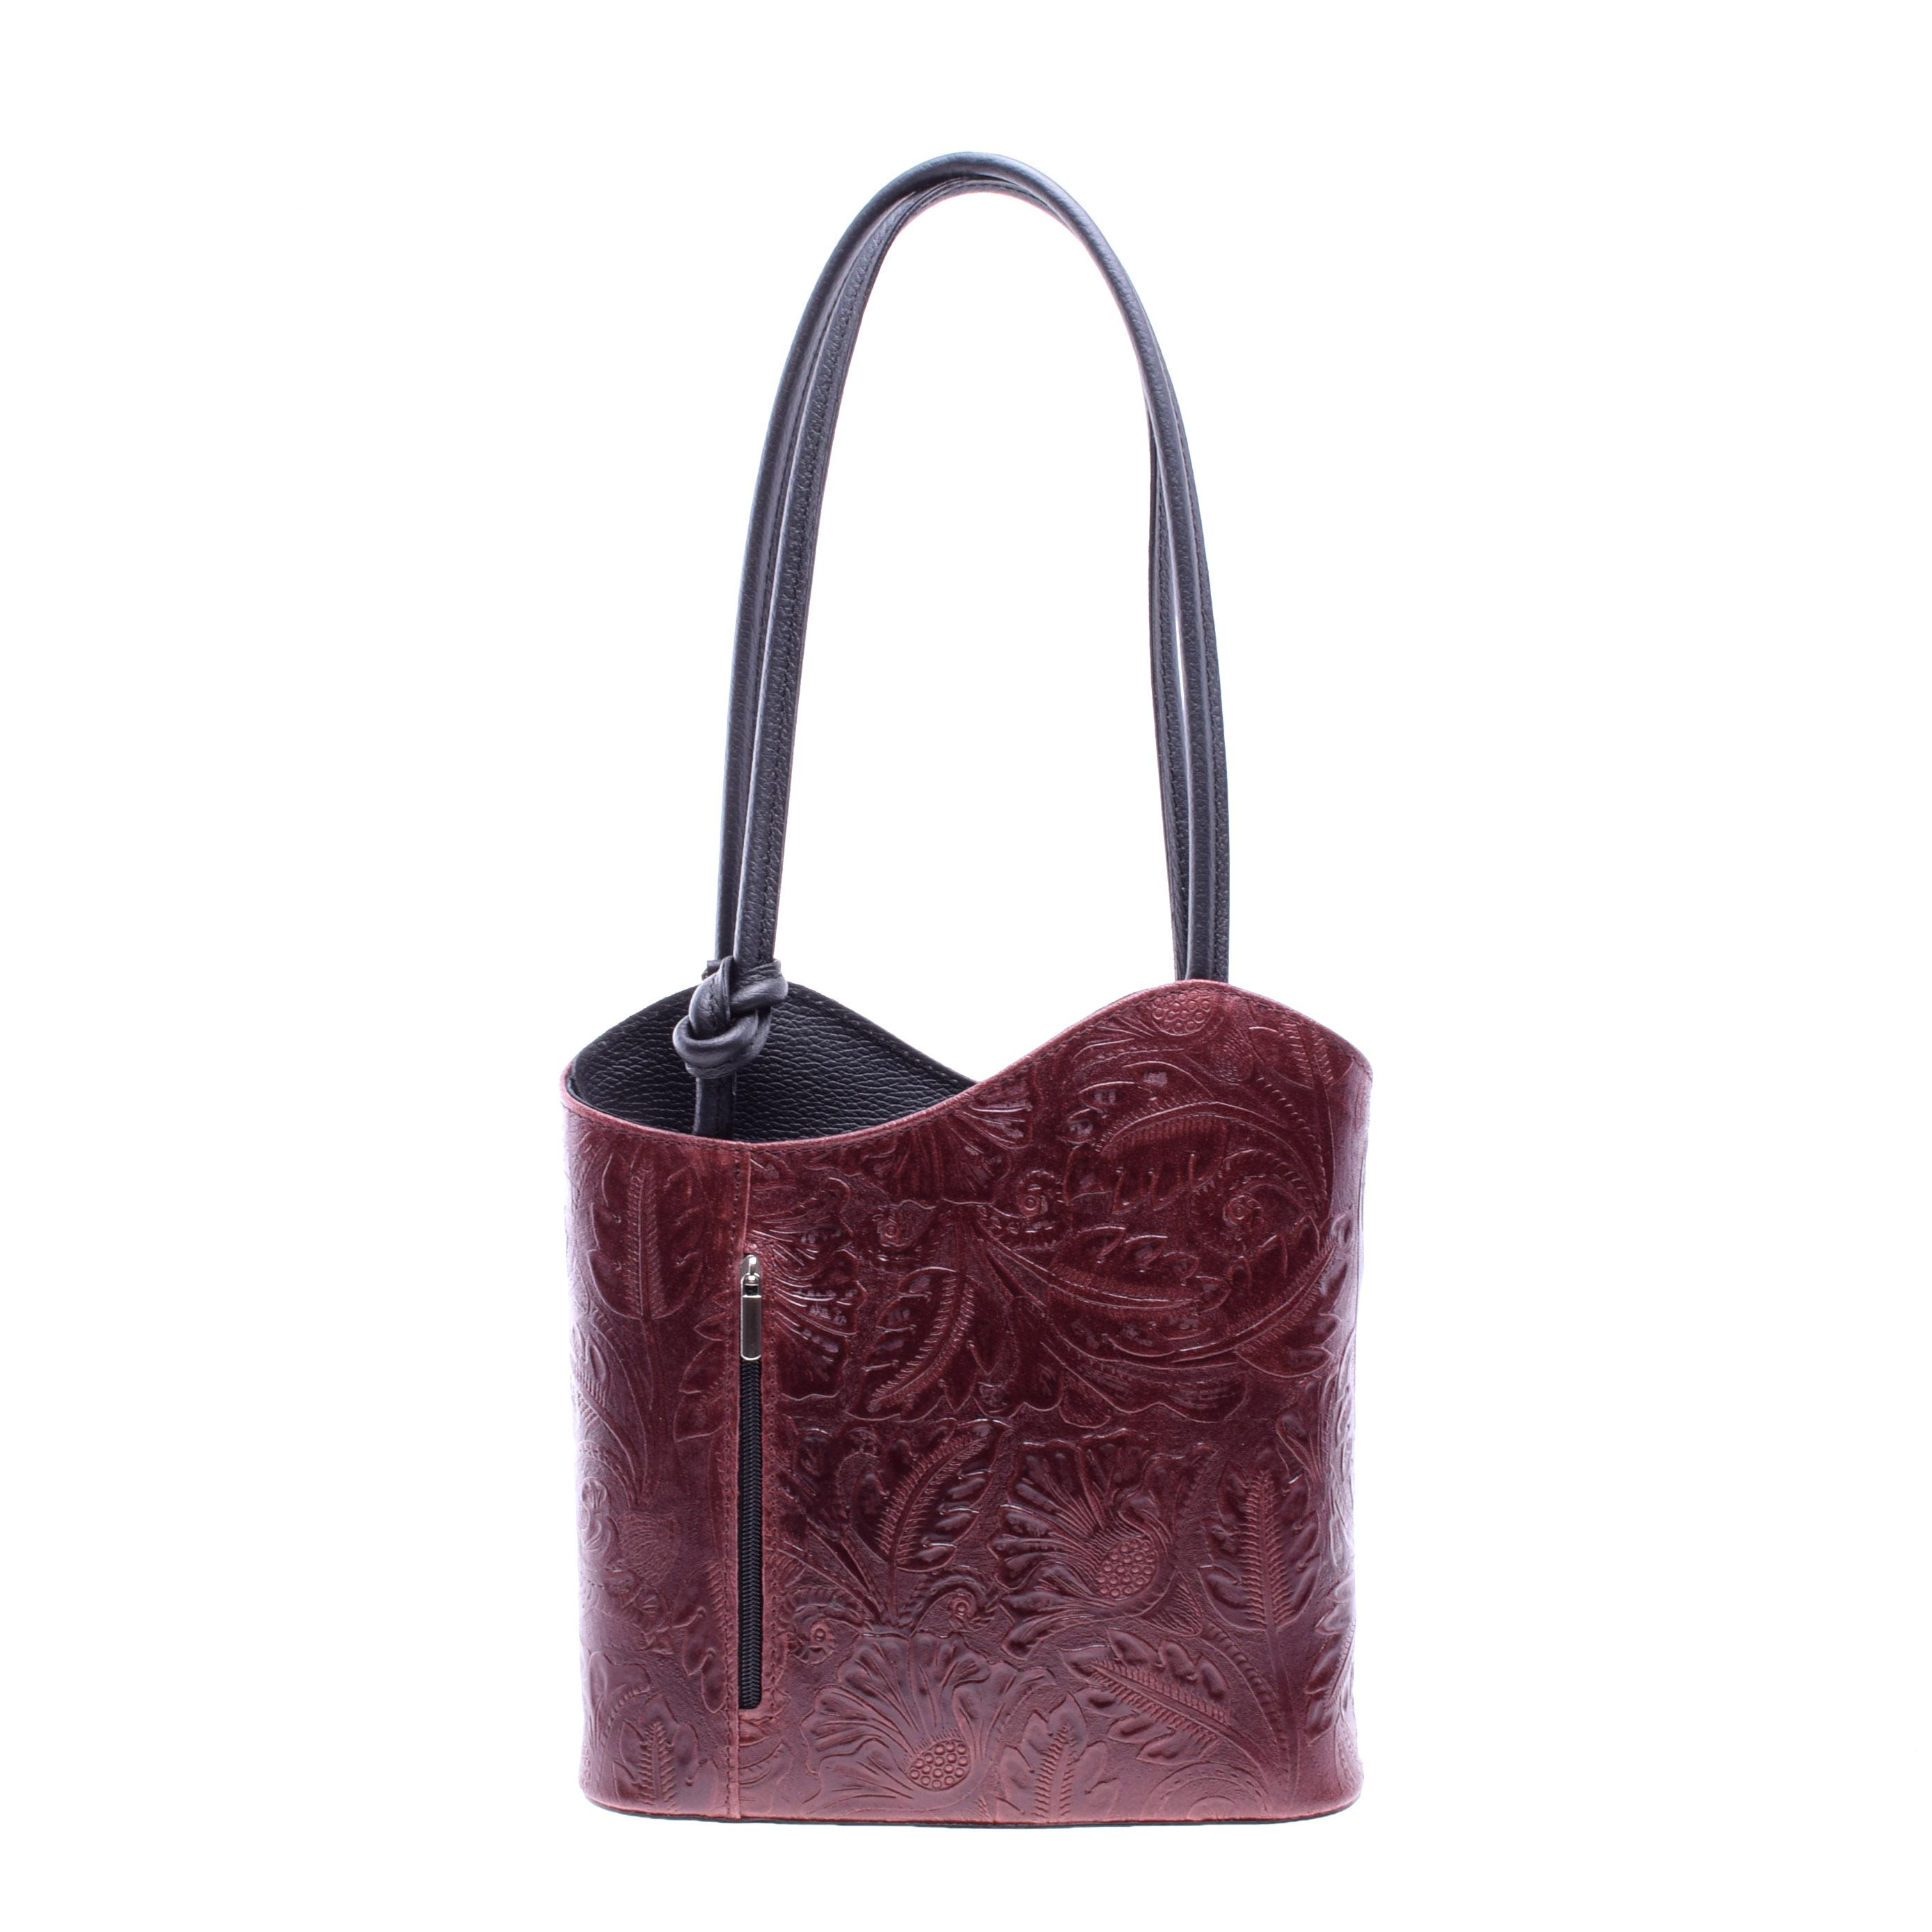 0b6ef5eacb Besty Valódi Bőr Nyomott Mintás Bordó Színű Válltáska/Hátizsák - VALÓDI  BŐRTÁSKÁK - Táska webáruház - Minőségi táskák mindenkinek